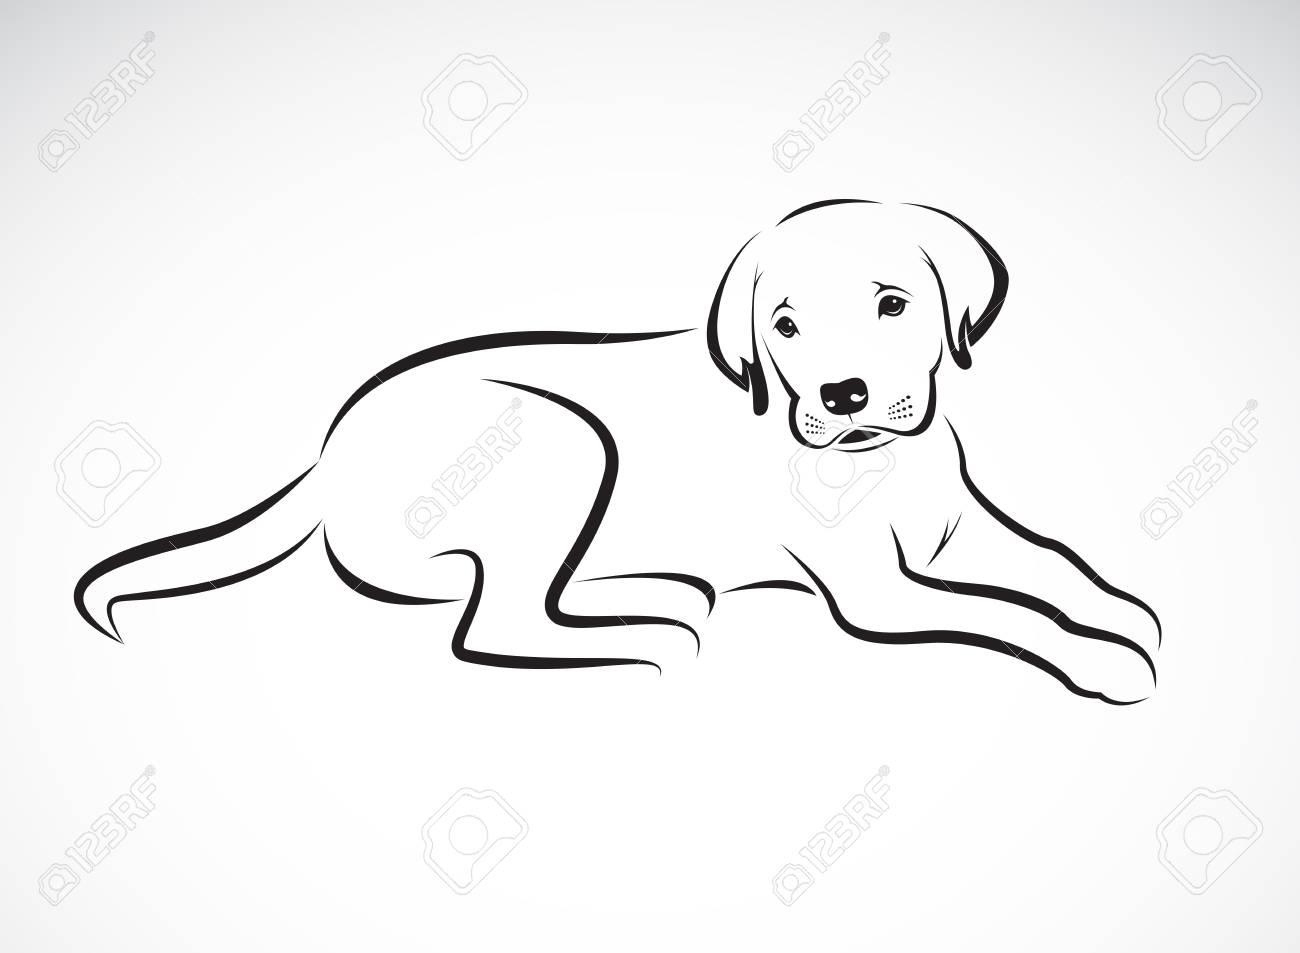 Vector De Un Perro Labrador En El Fondo Blanco Mascota Animal Ilustración Vectorial En Capas Editable Fácil